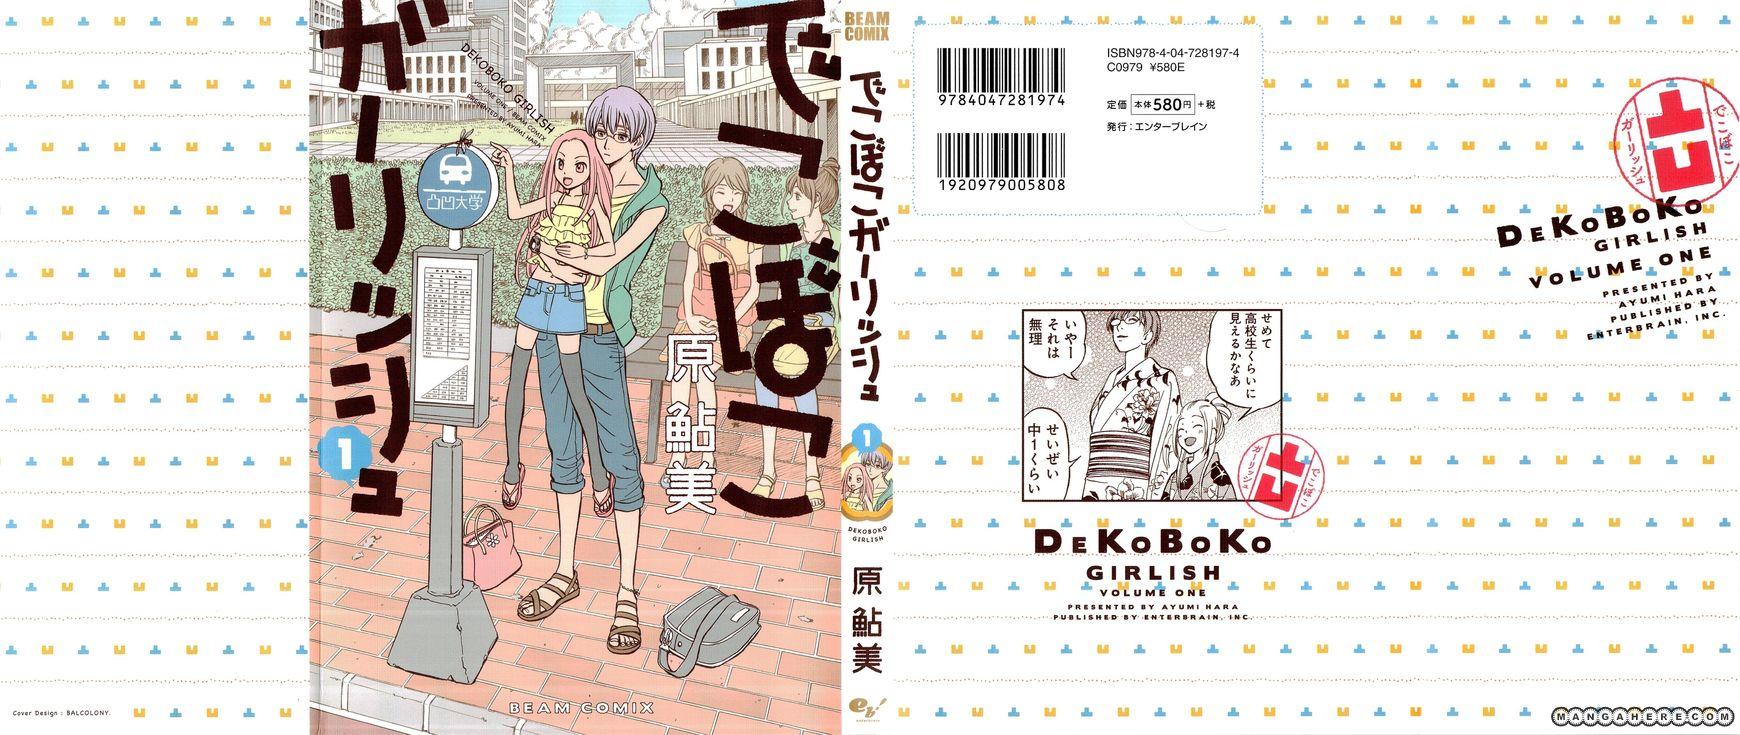 Dekoboko Girlish 0 Page 1